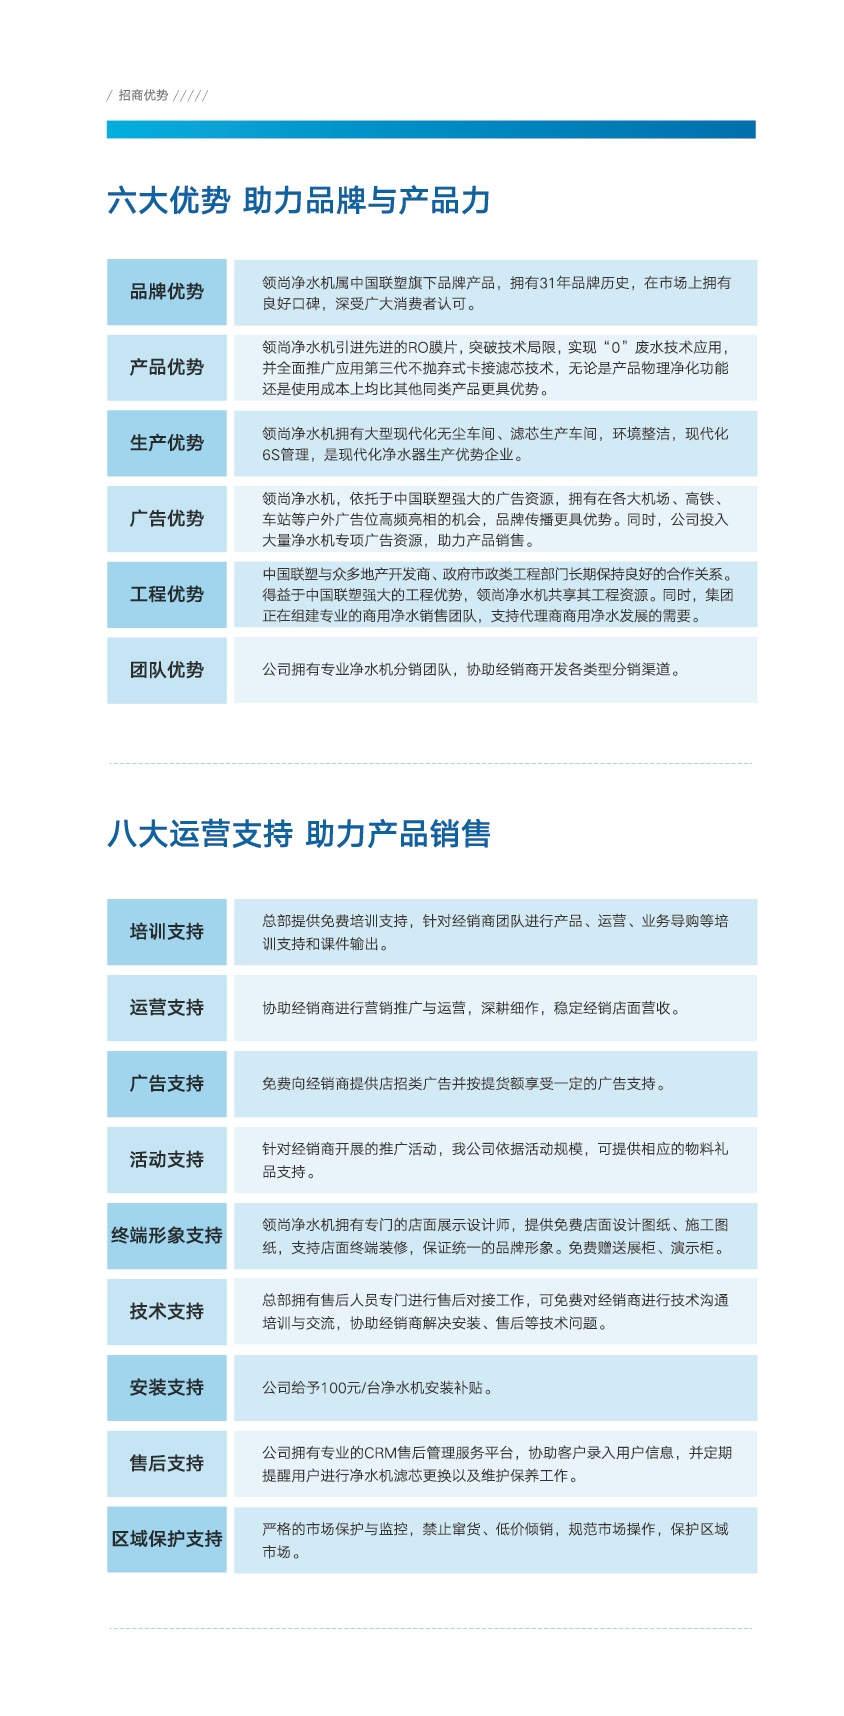 净水机-六大优势,助力品牌与产品力